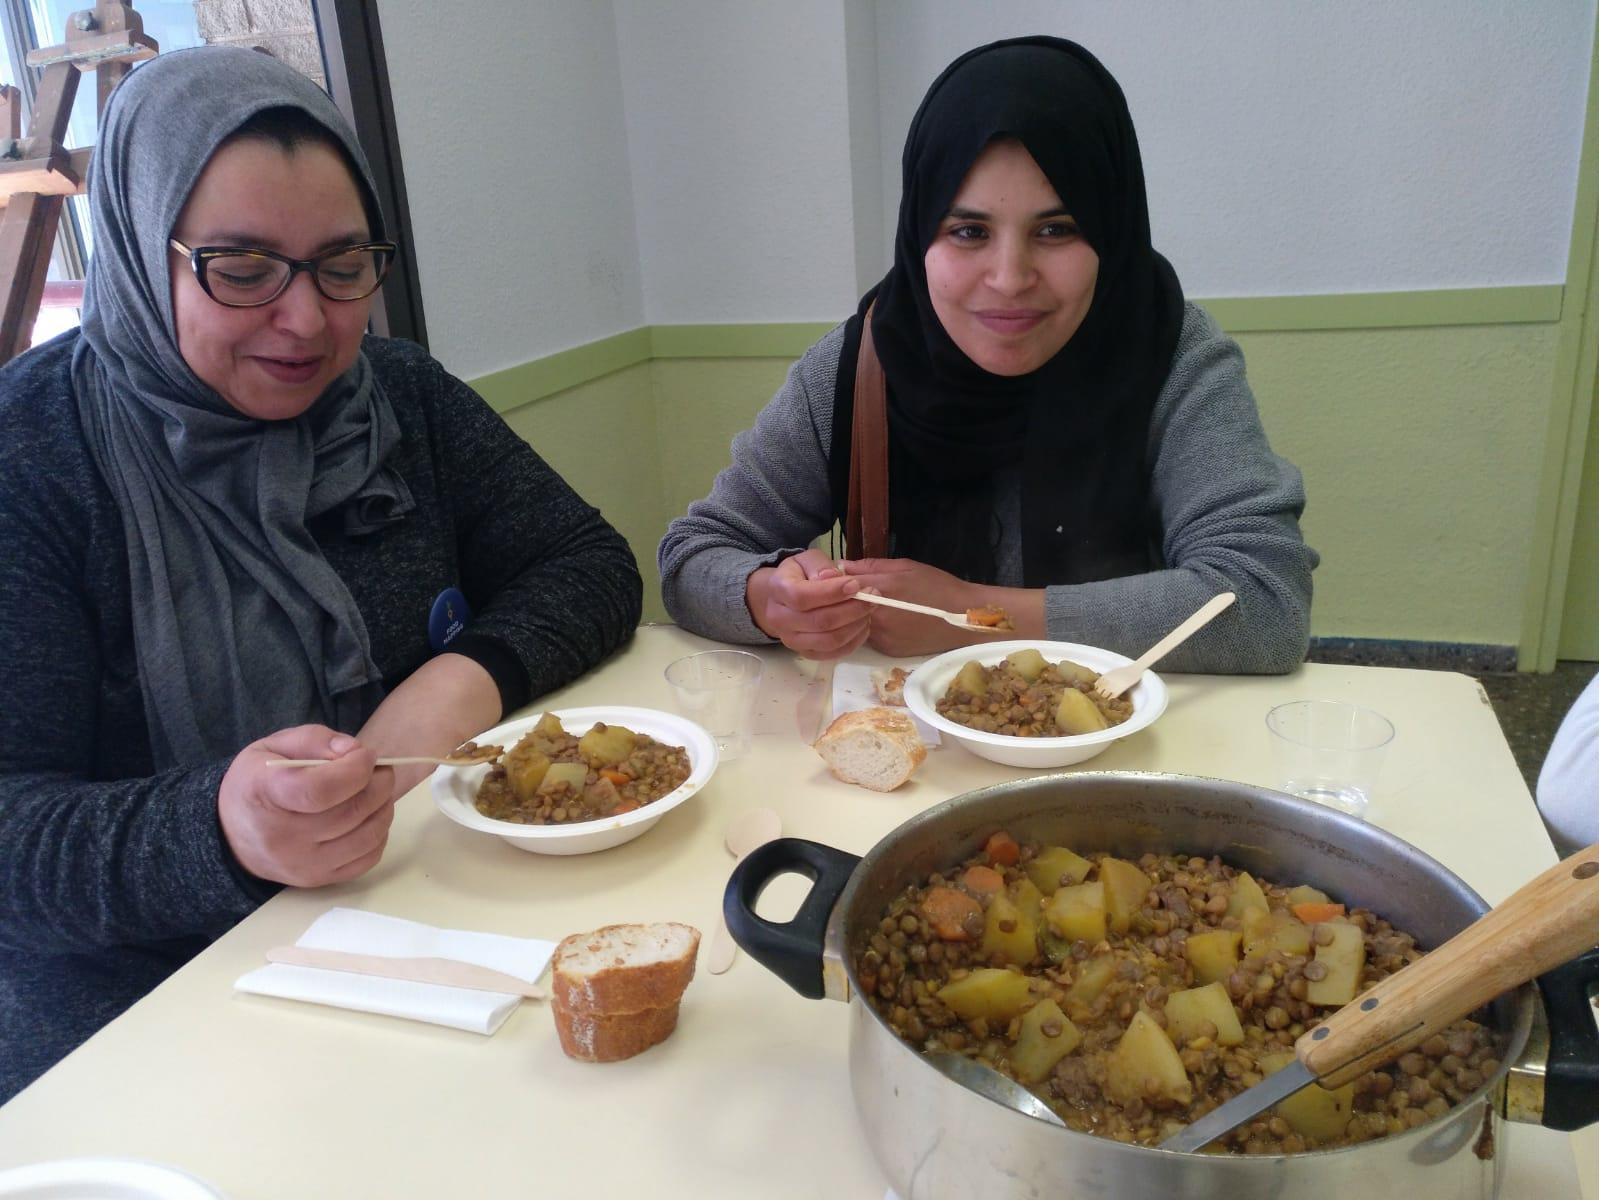 Almuerzo comunitario del Food Mapping en Sant Idelfons, Cornellà de Llobregat